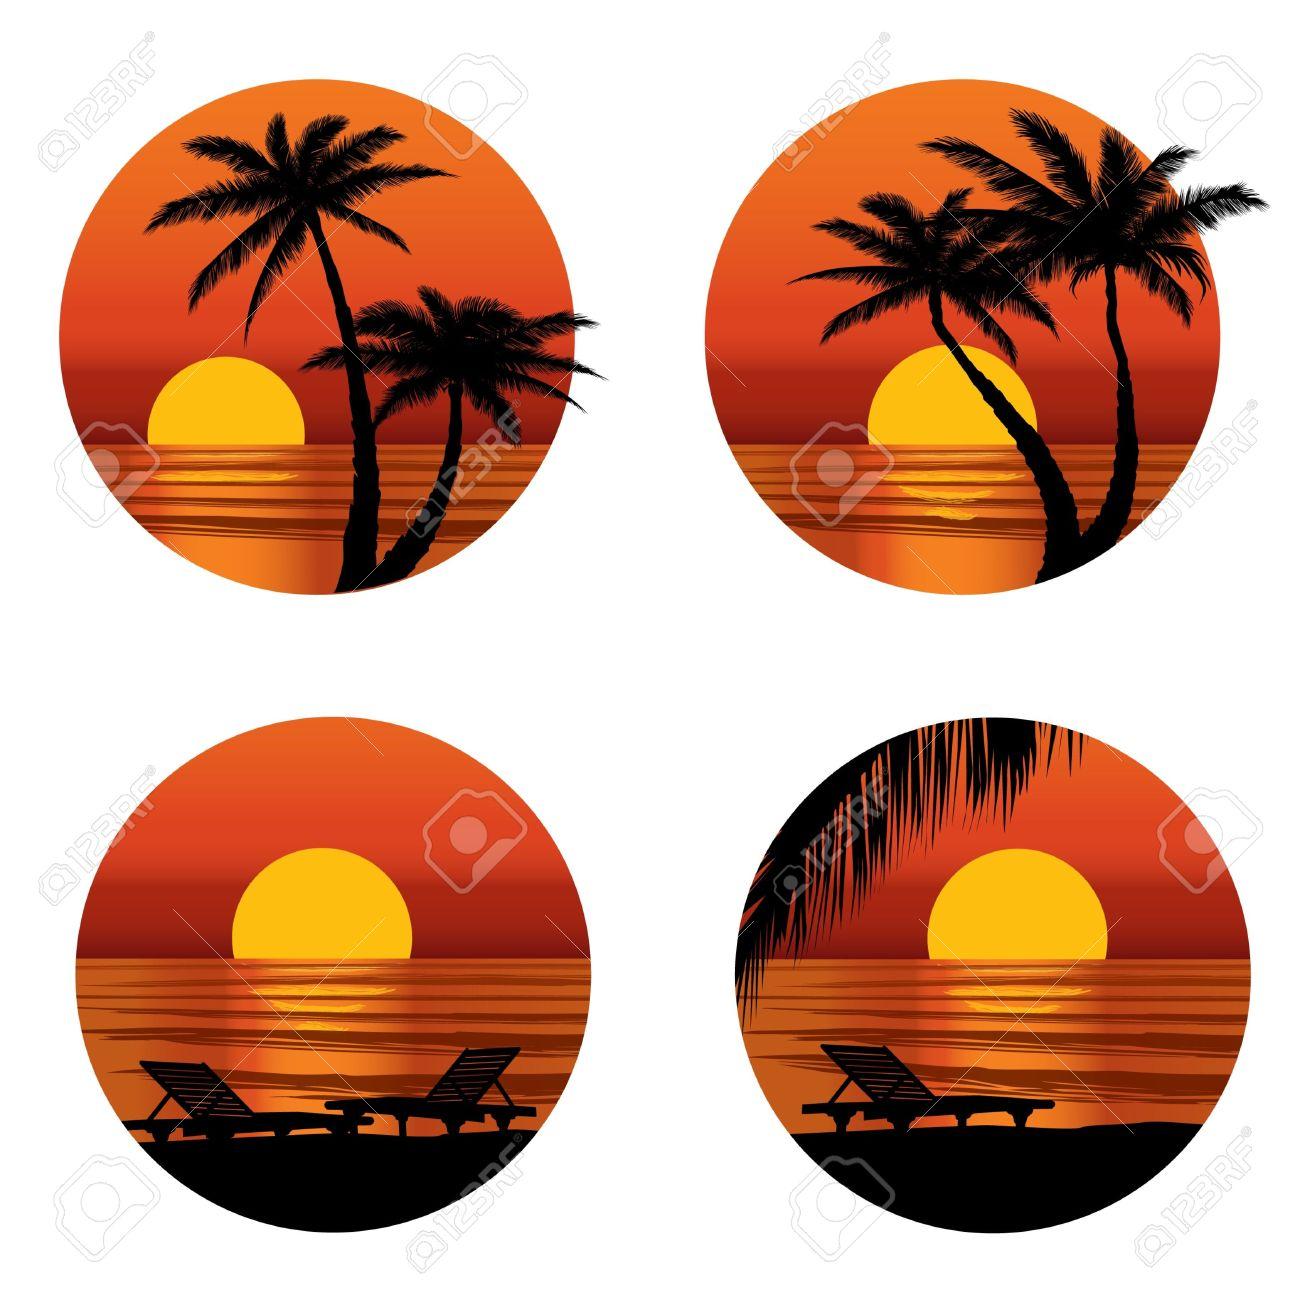 Beach free download best. Sunset clipart evening sunset